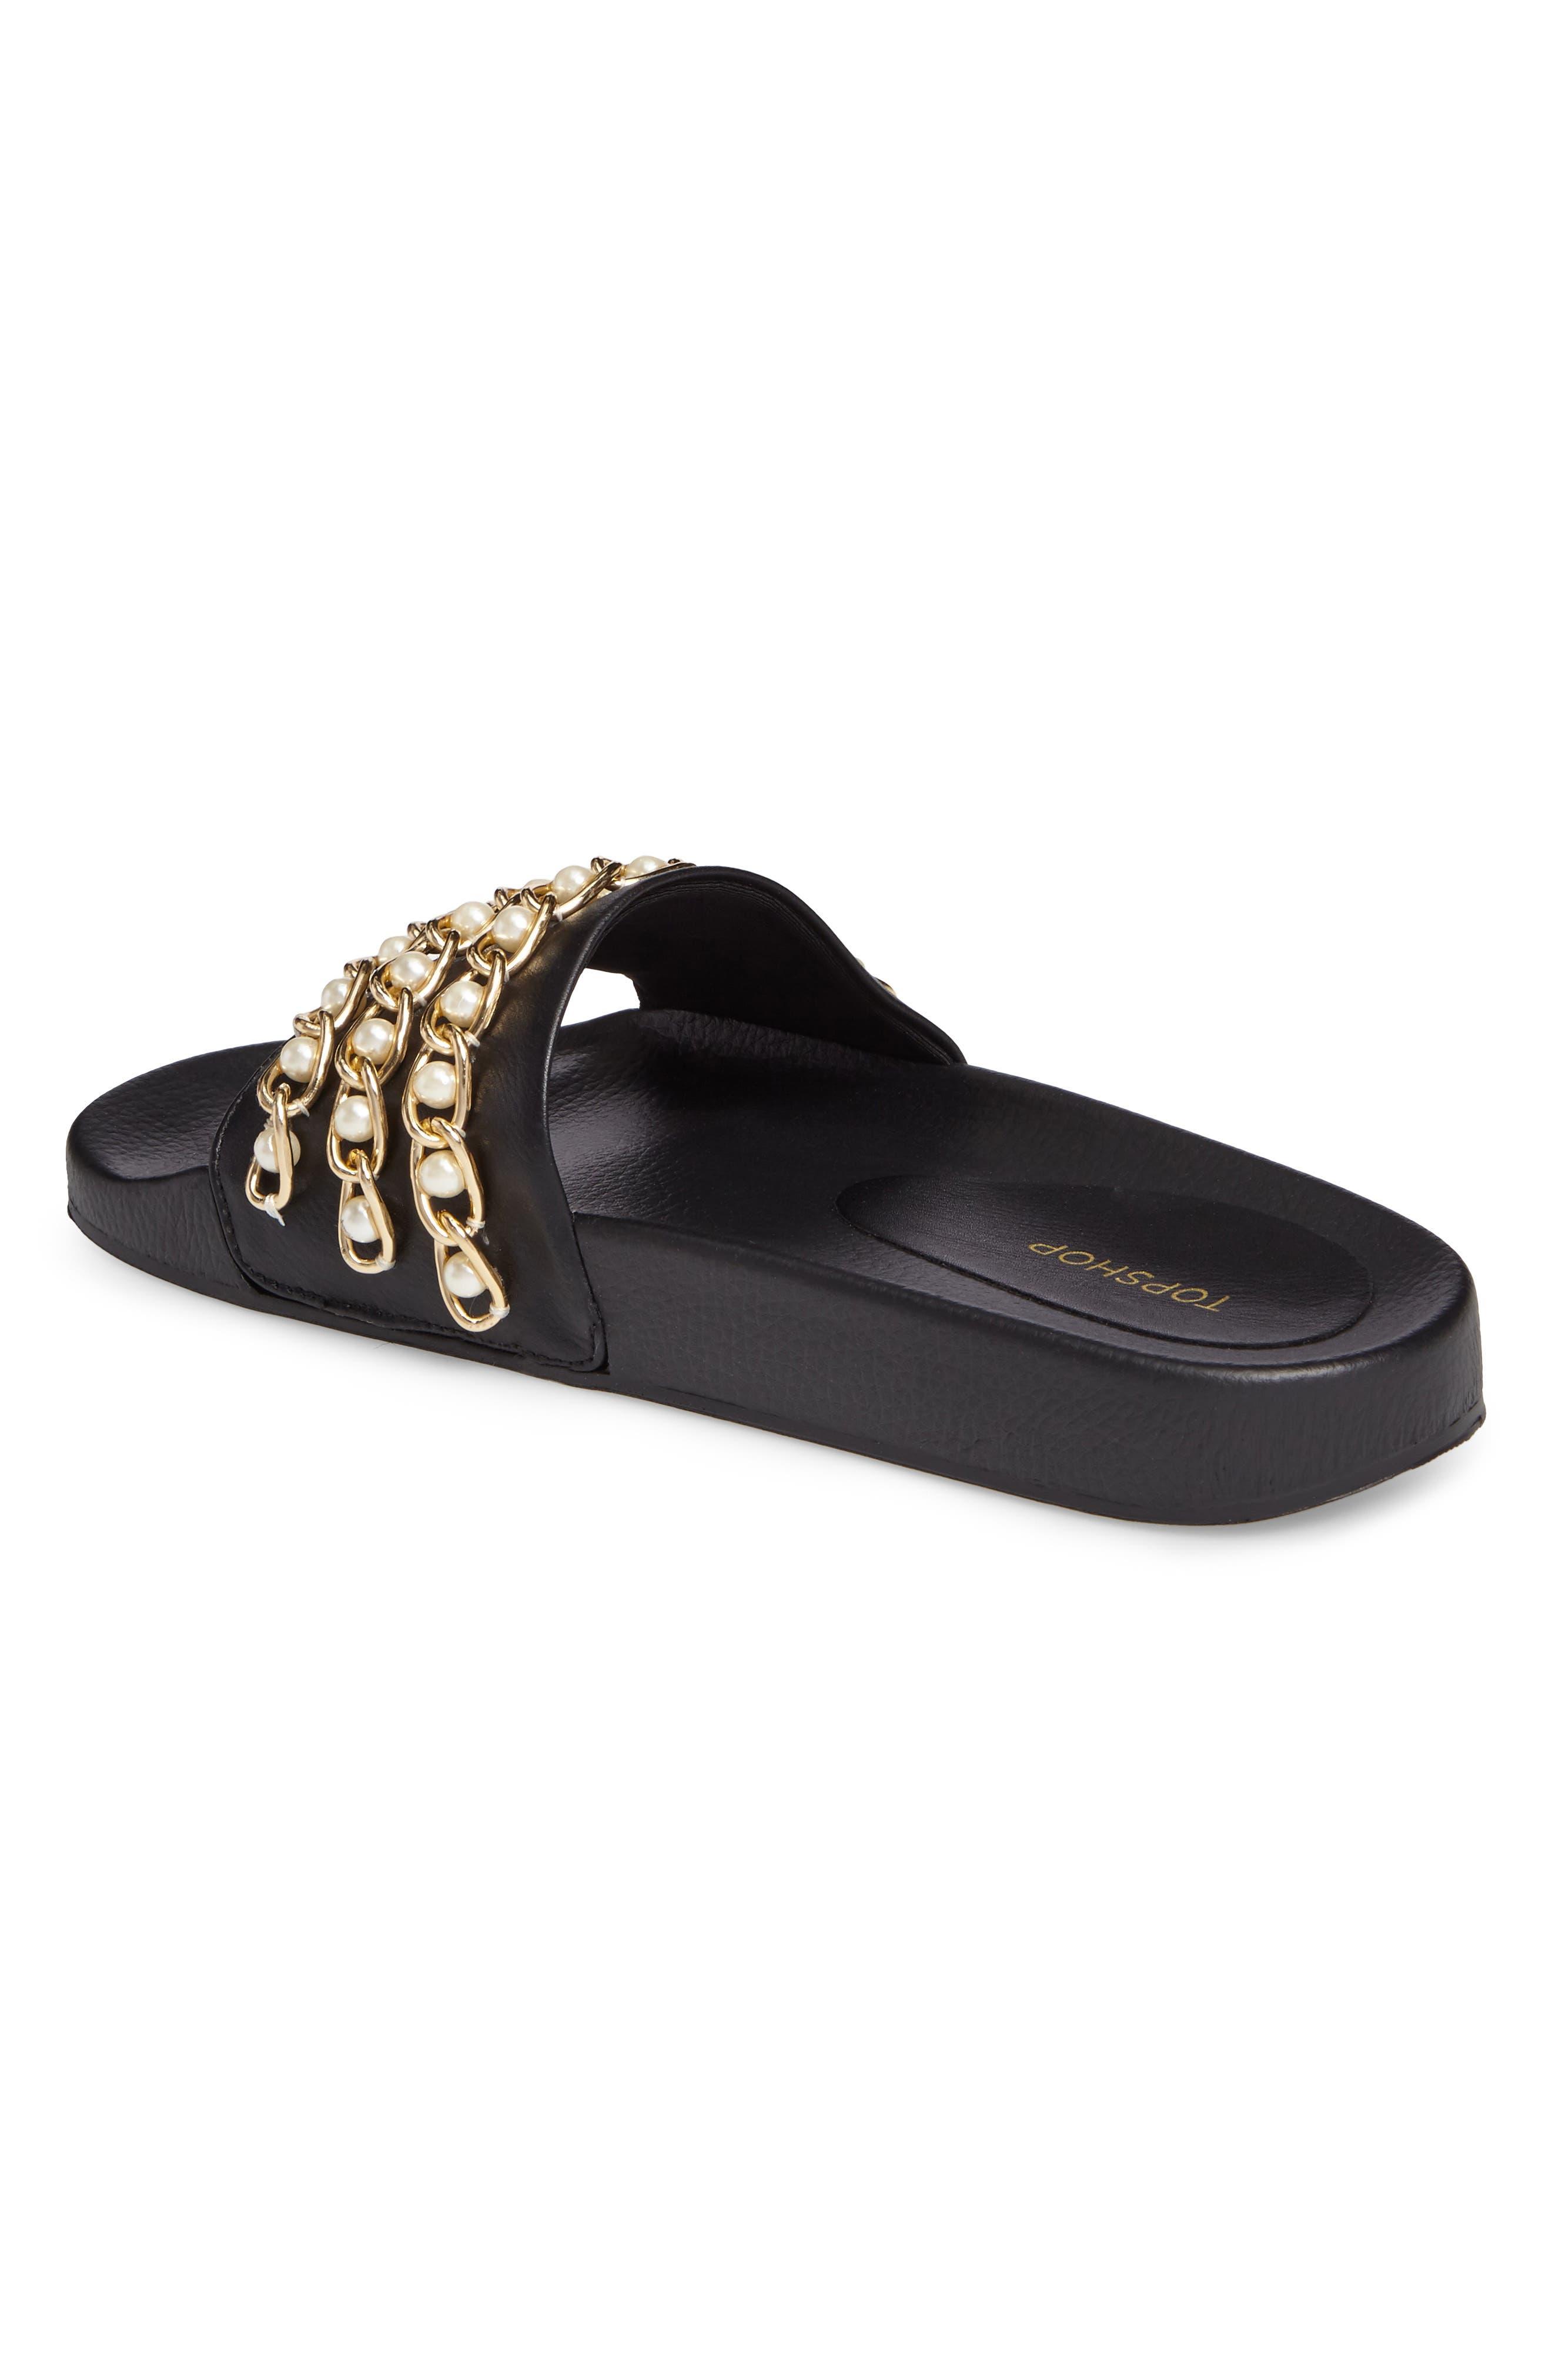 Hottie Pearl Chain Slide Sandal,                             Alternate thumbnail 2, color,                             Black Multi